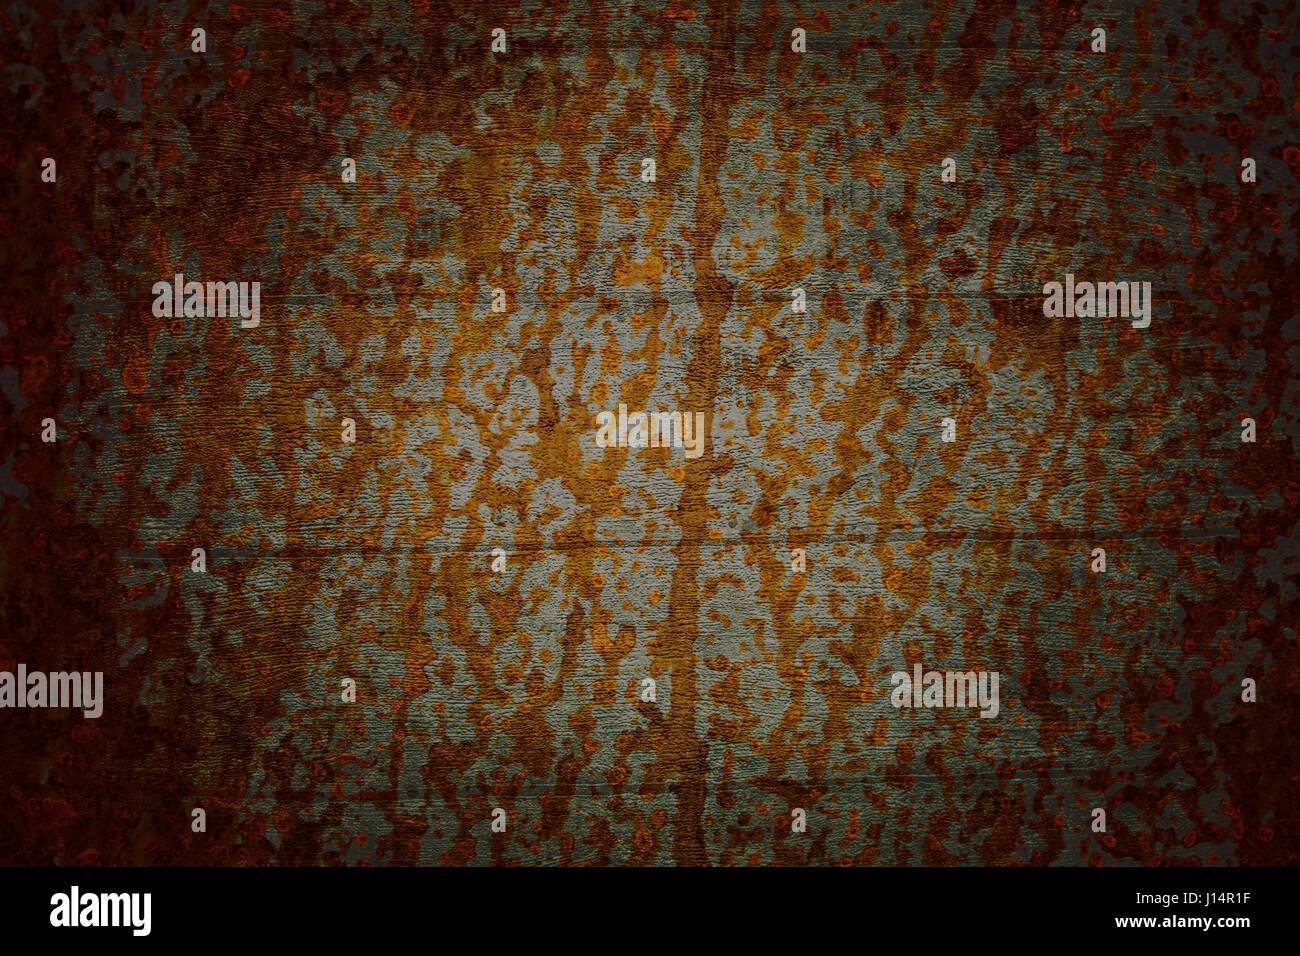 Hintergrund Holz   Stock Image